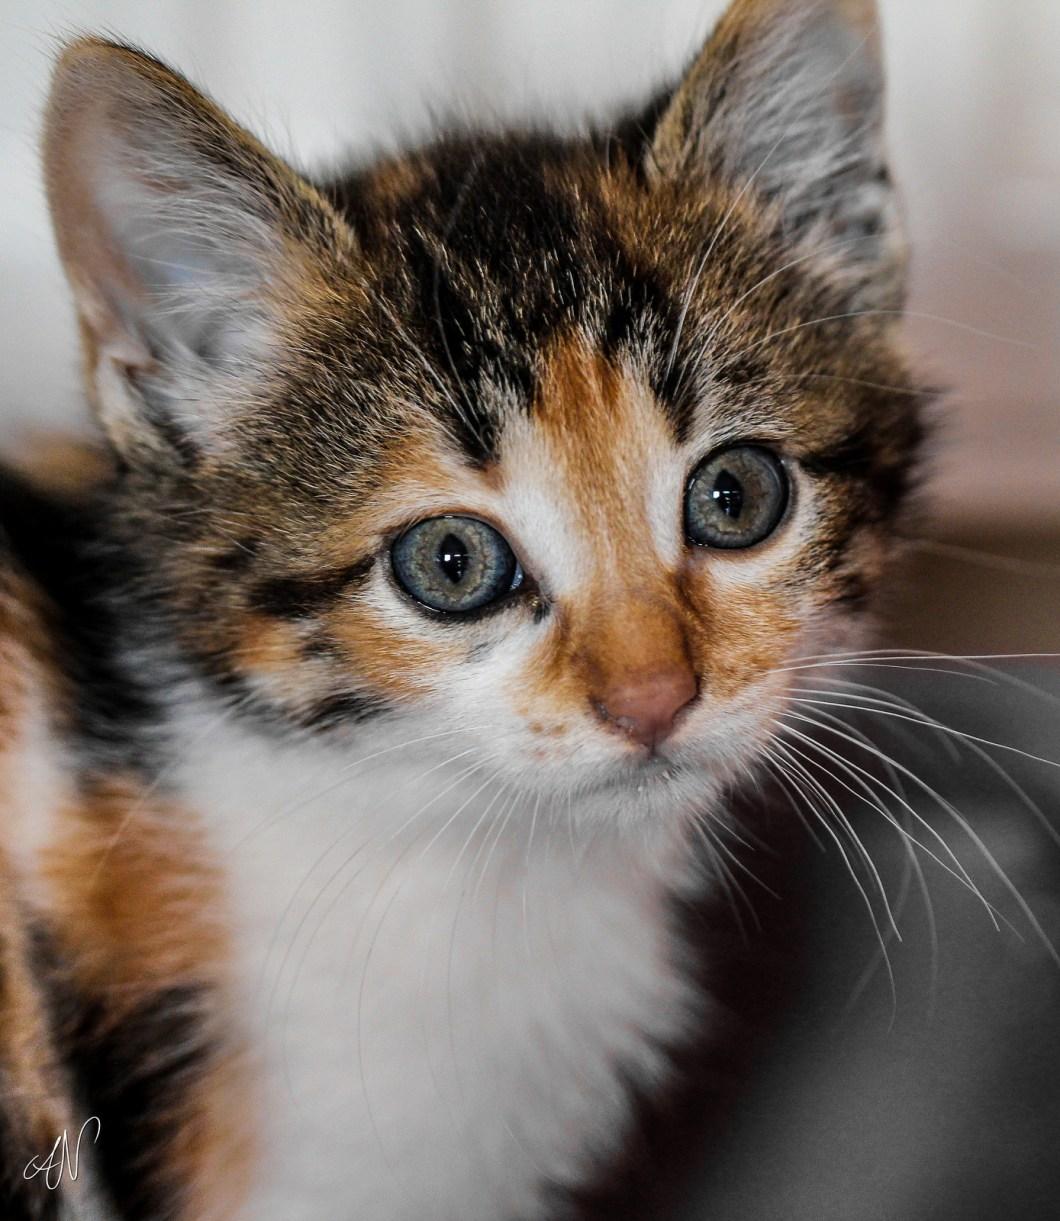 Imagen gratis de un bonito gatito